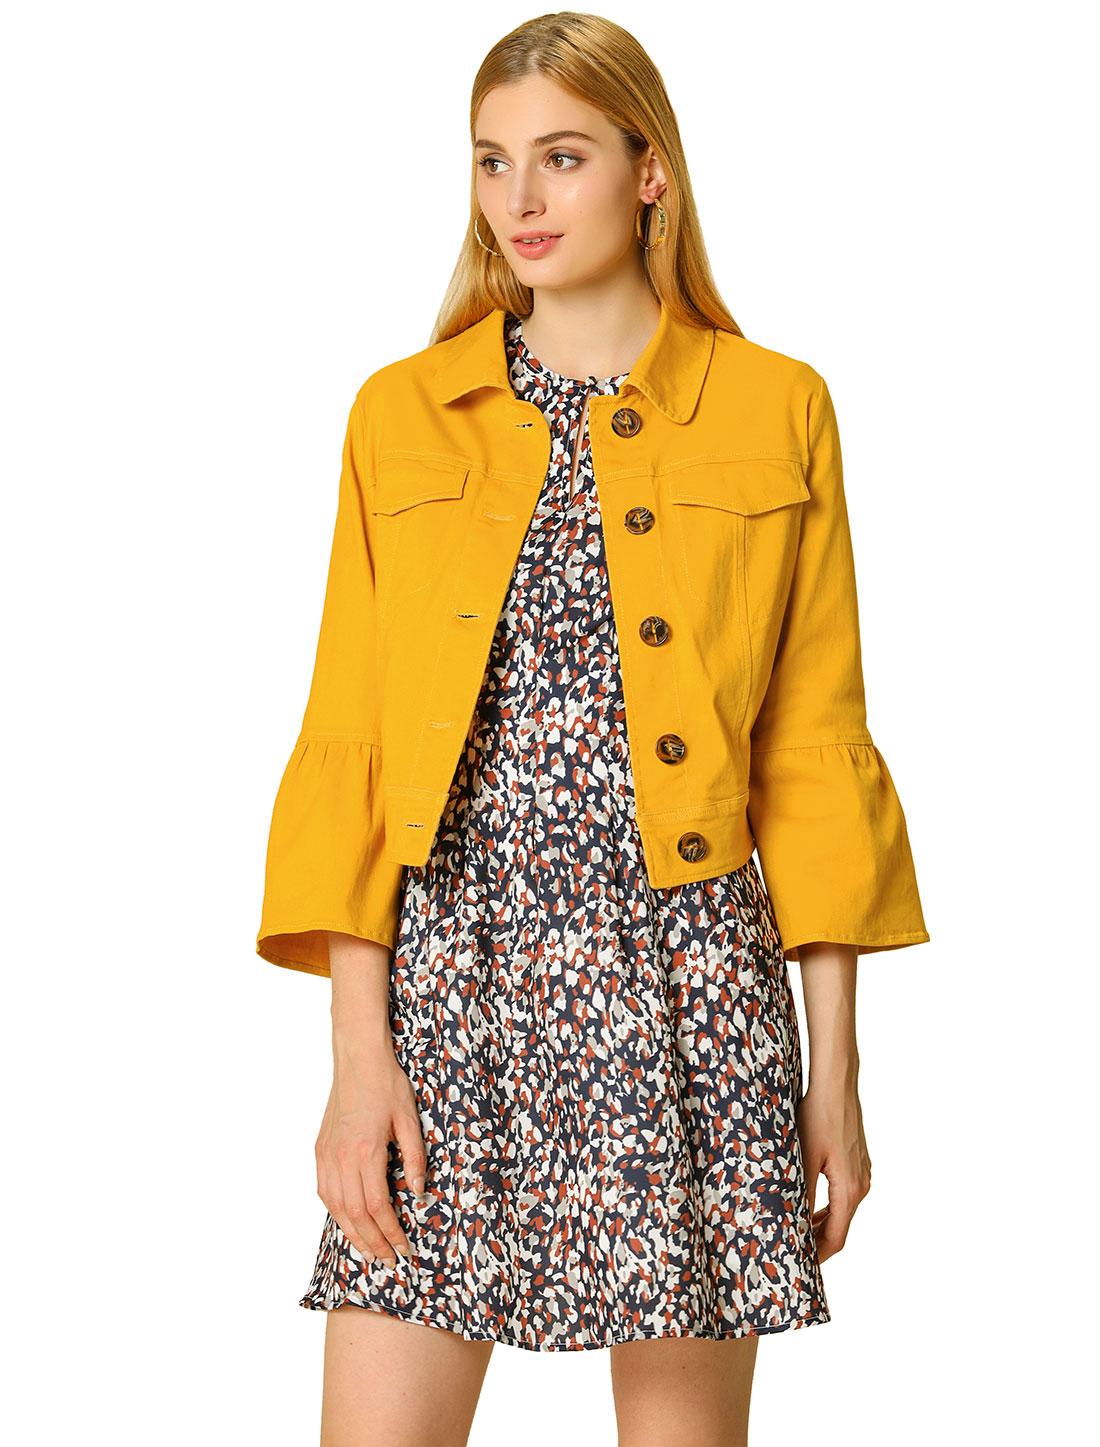 Allegra K Women's Ruffle 3/4 Sleeve Cropped Trucker Jacket Yellow M